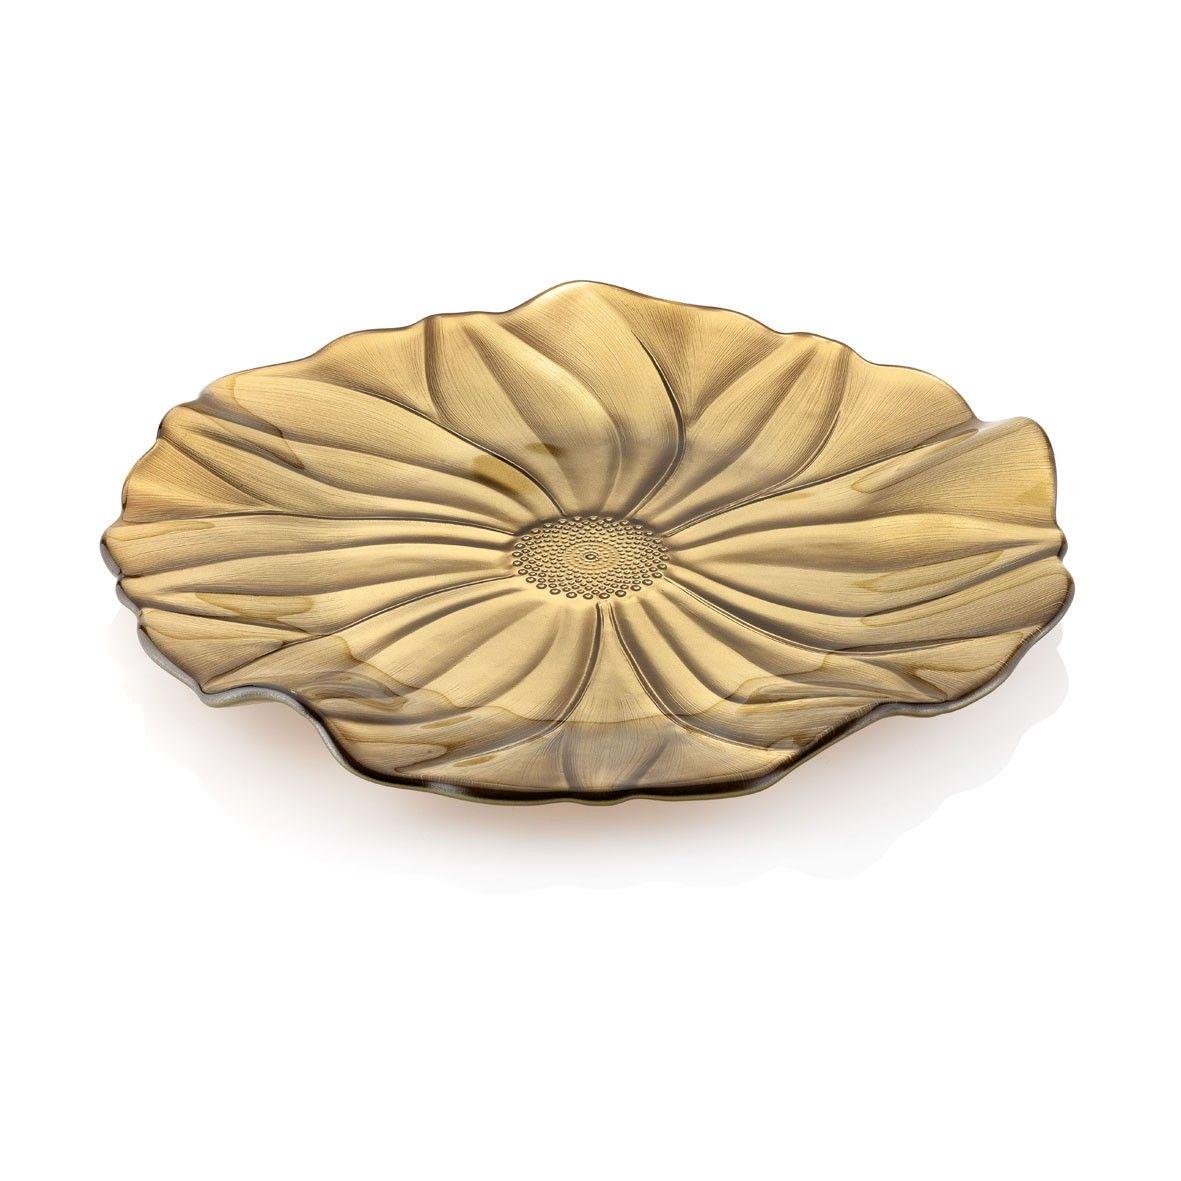 Piatto Caramello diam. 37cm Magnolia / Dish Caramel diam. 37cm Magnolia